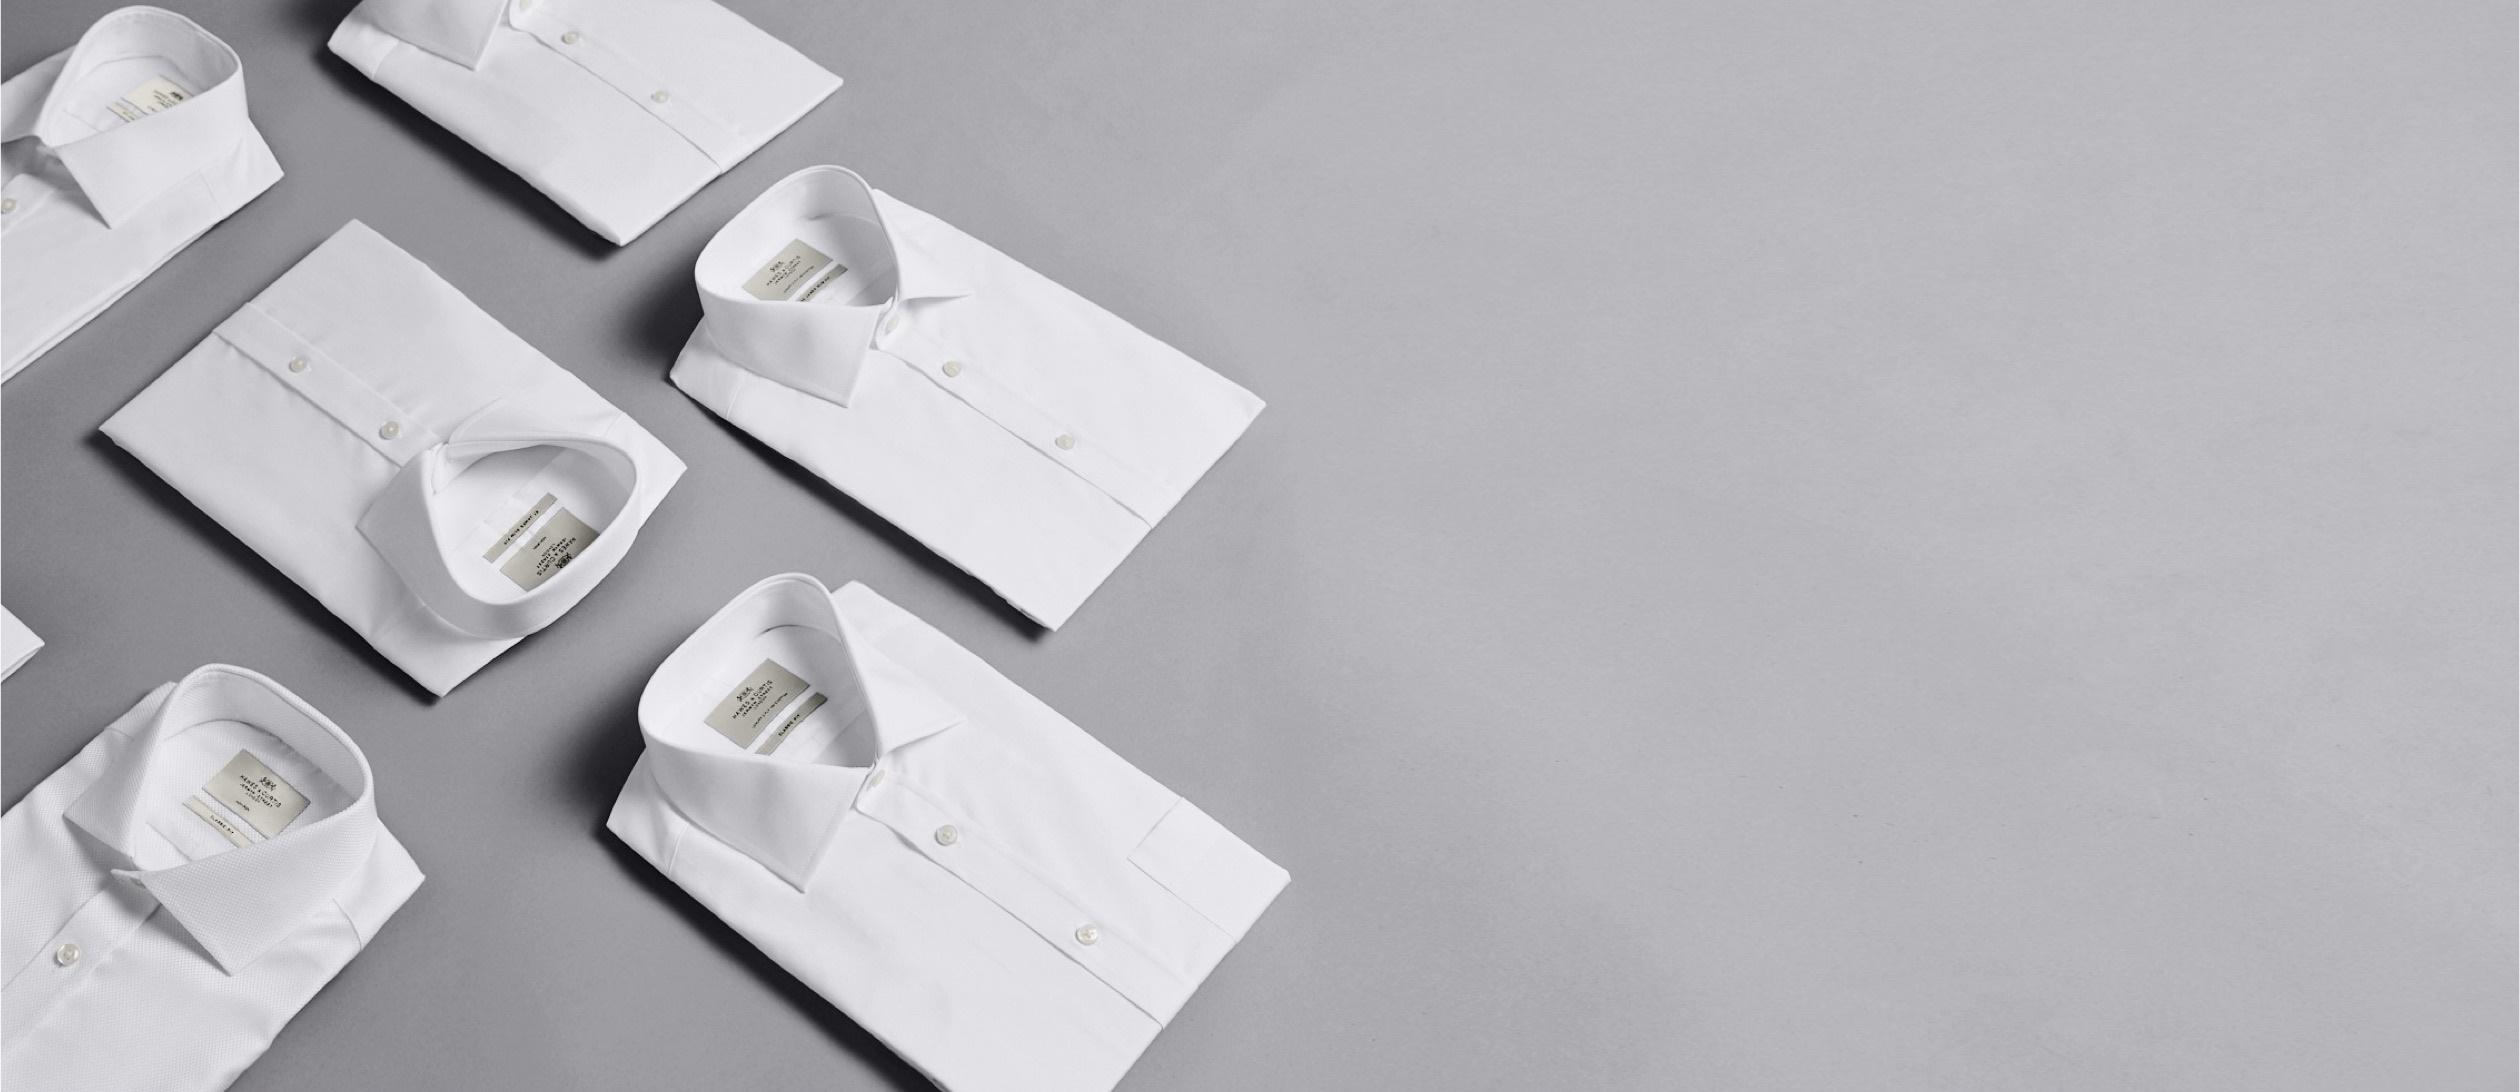 Edle Blusen in weiß und in Markenqualität von Hawes & Curtis aus London.